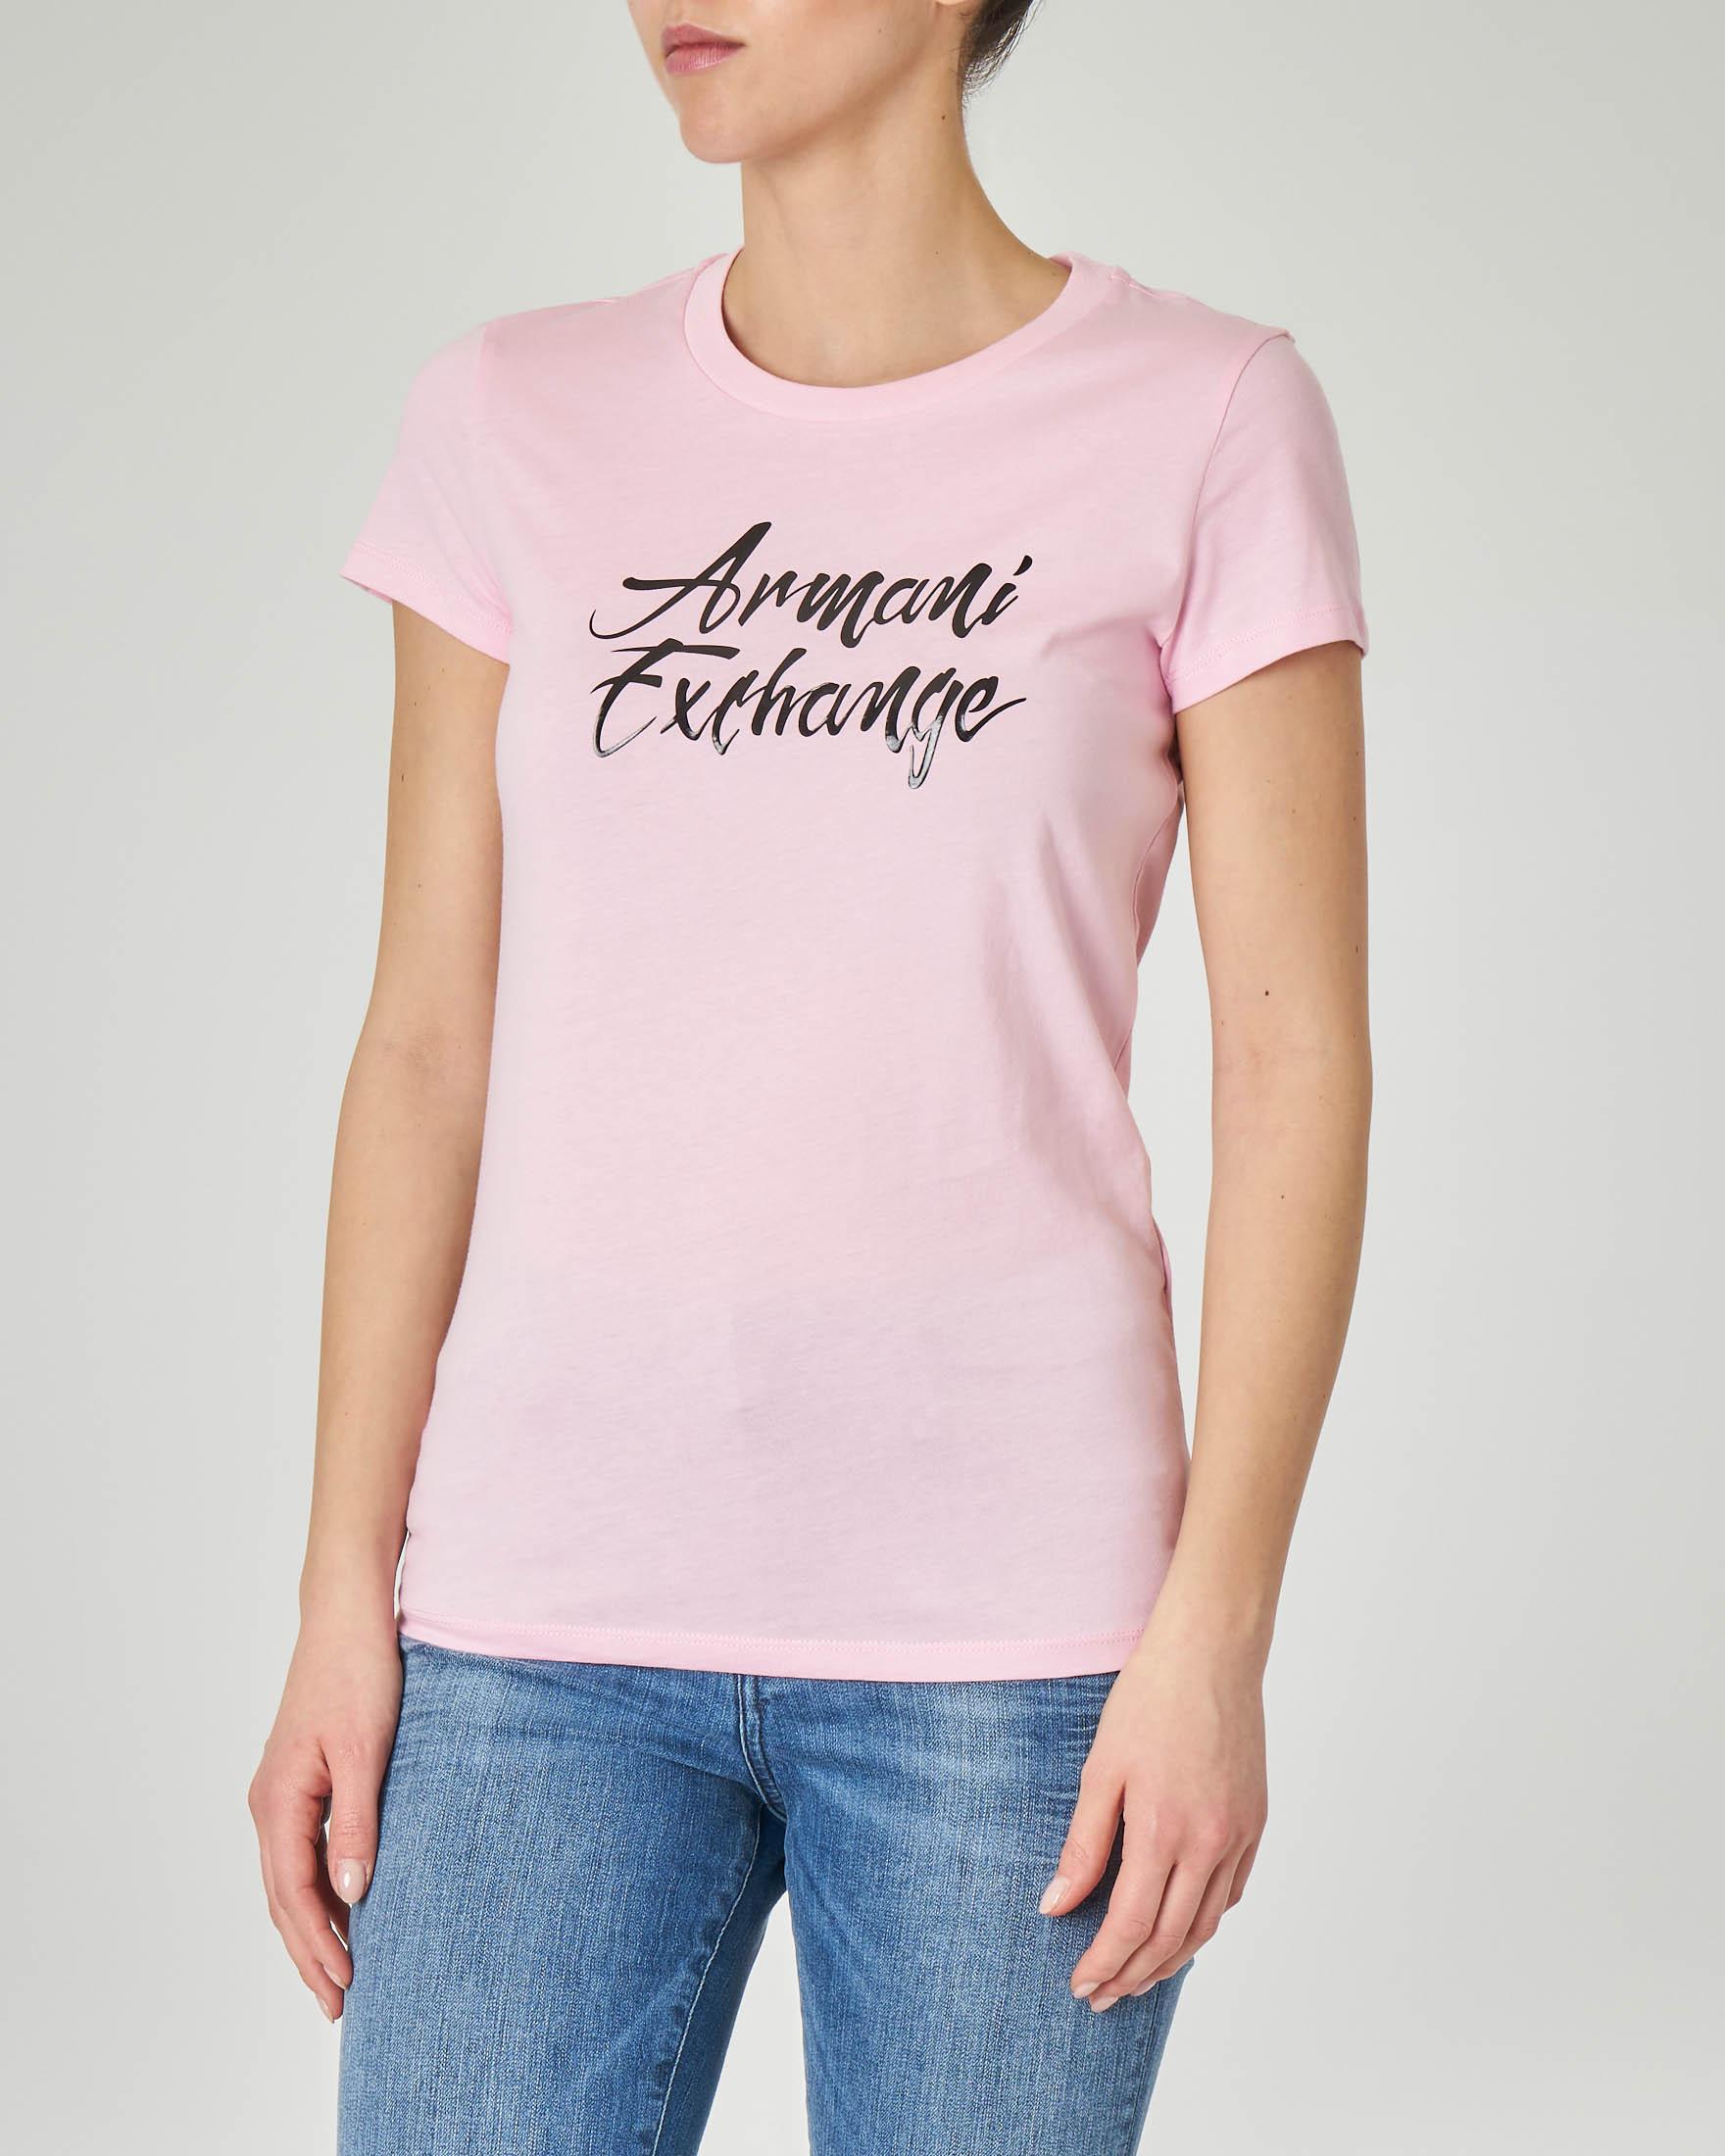 T-shirt rosa in cotone con scritta logo in nero effetto semi-lucido